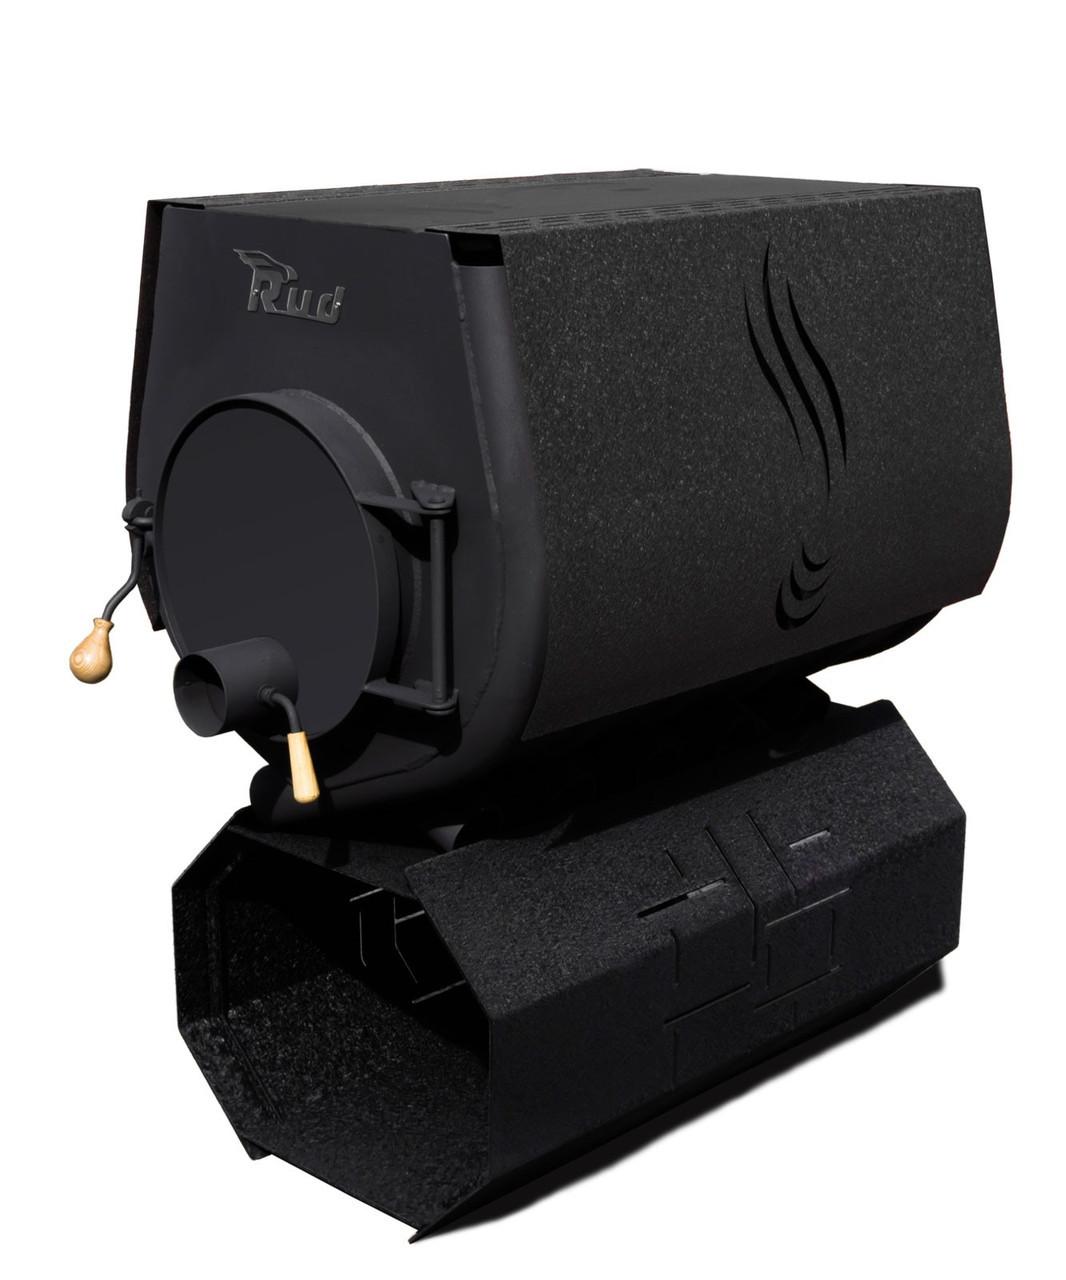 Отопительная печь Rud Pyrotron Кантри 03 с варочной поверхностью (S= 240 кв.м. х 2,5 м) черная